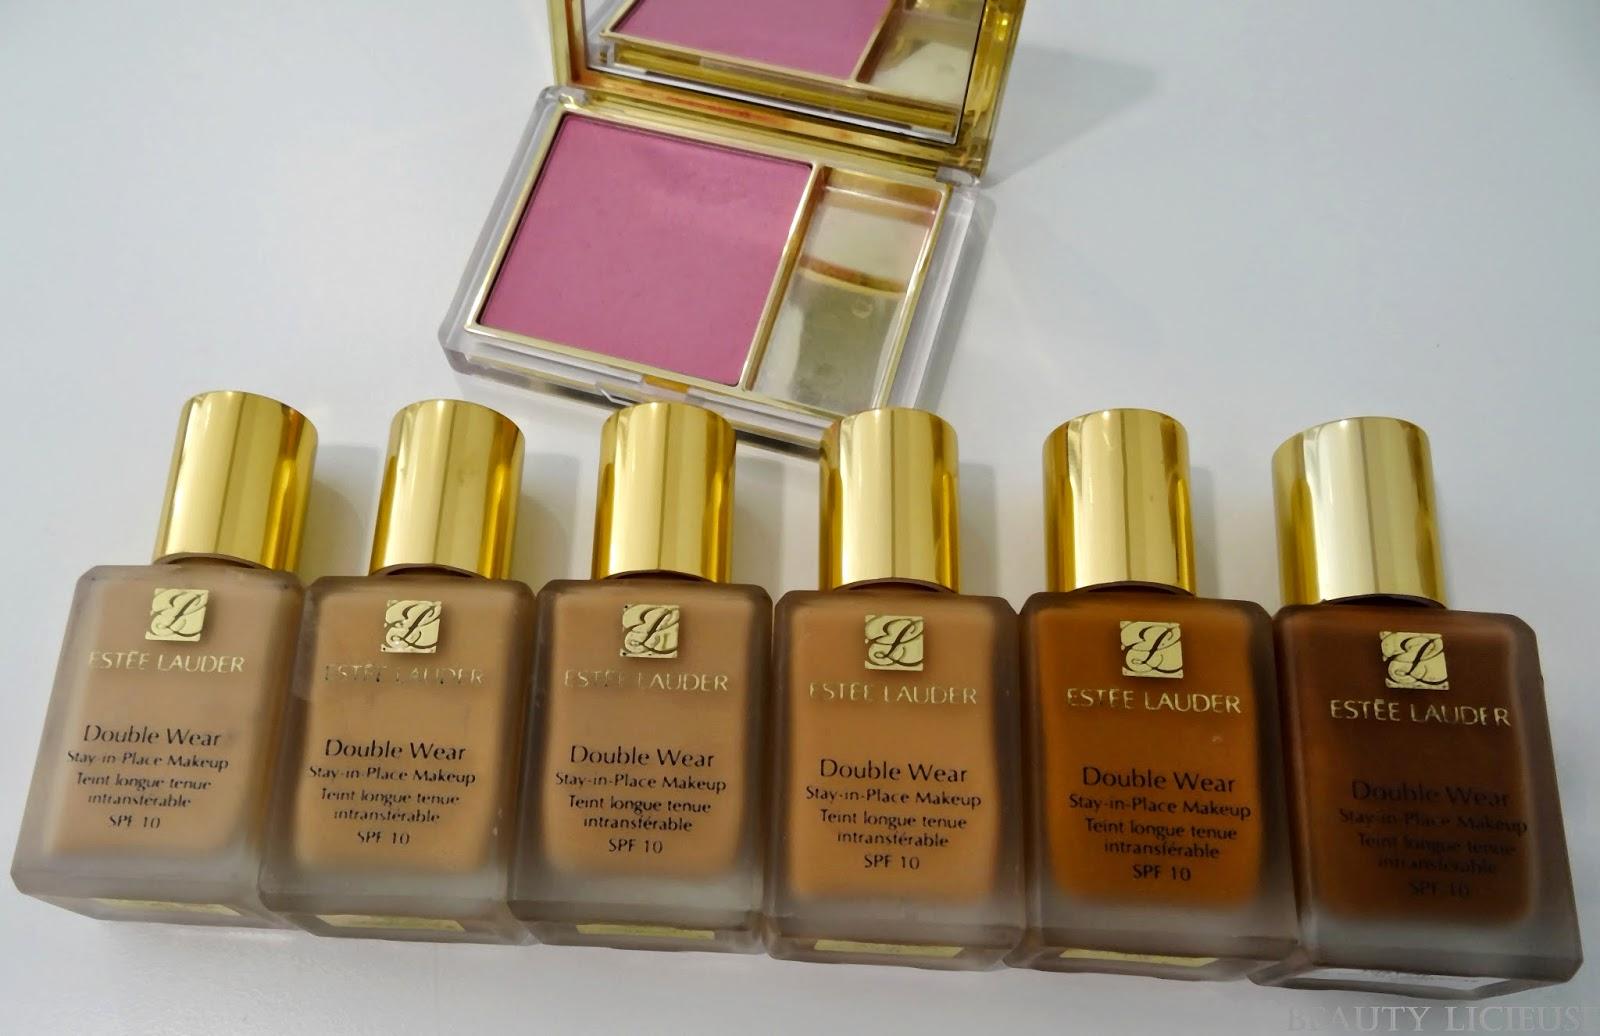 beauty tips] - fond de teint doré, rosé ou neutre.nt définir